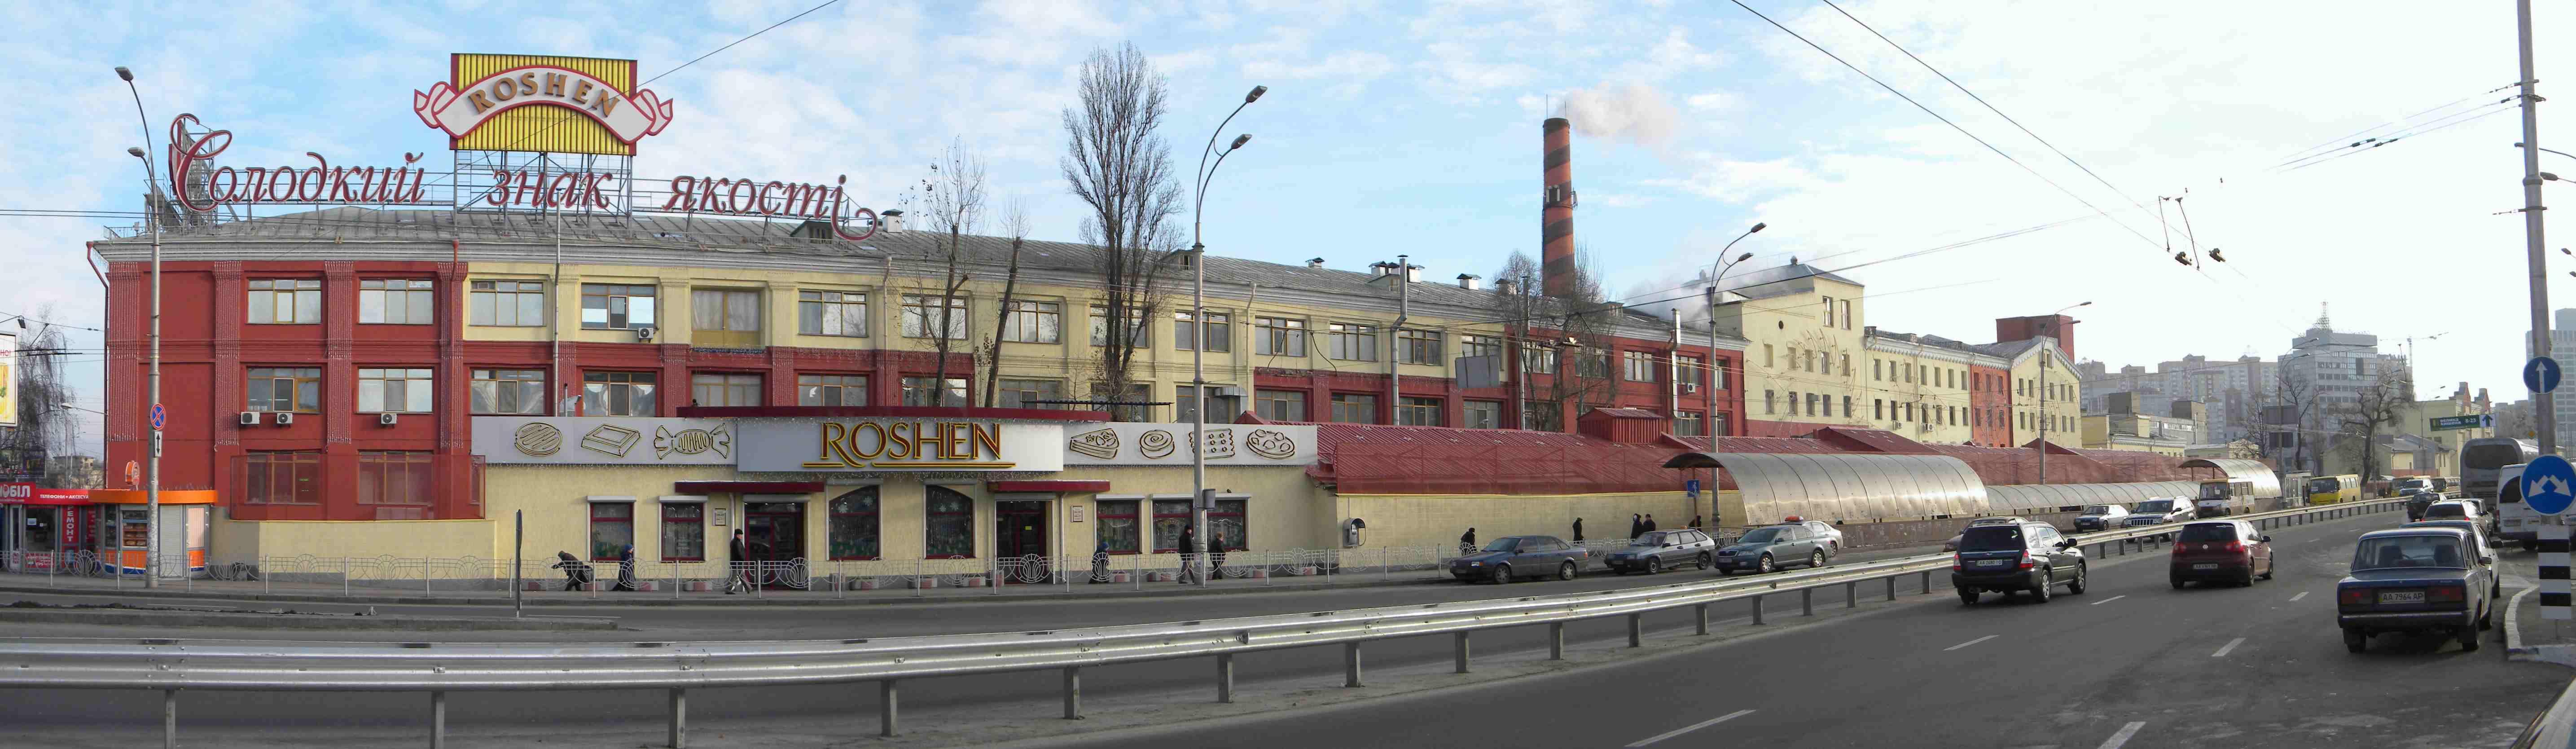 картинка киев фабрика рошен предназначены для